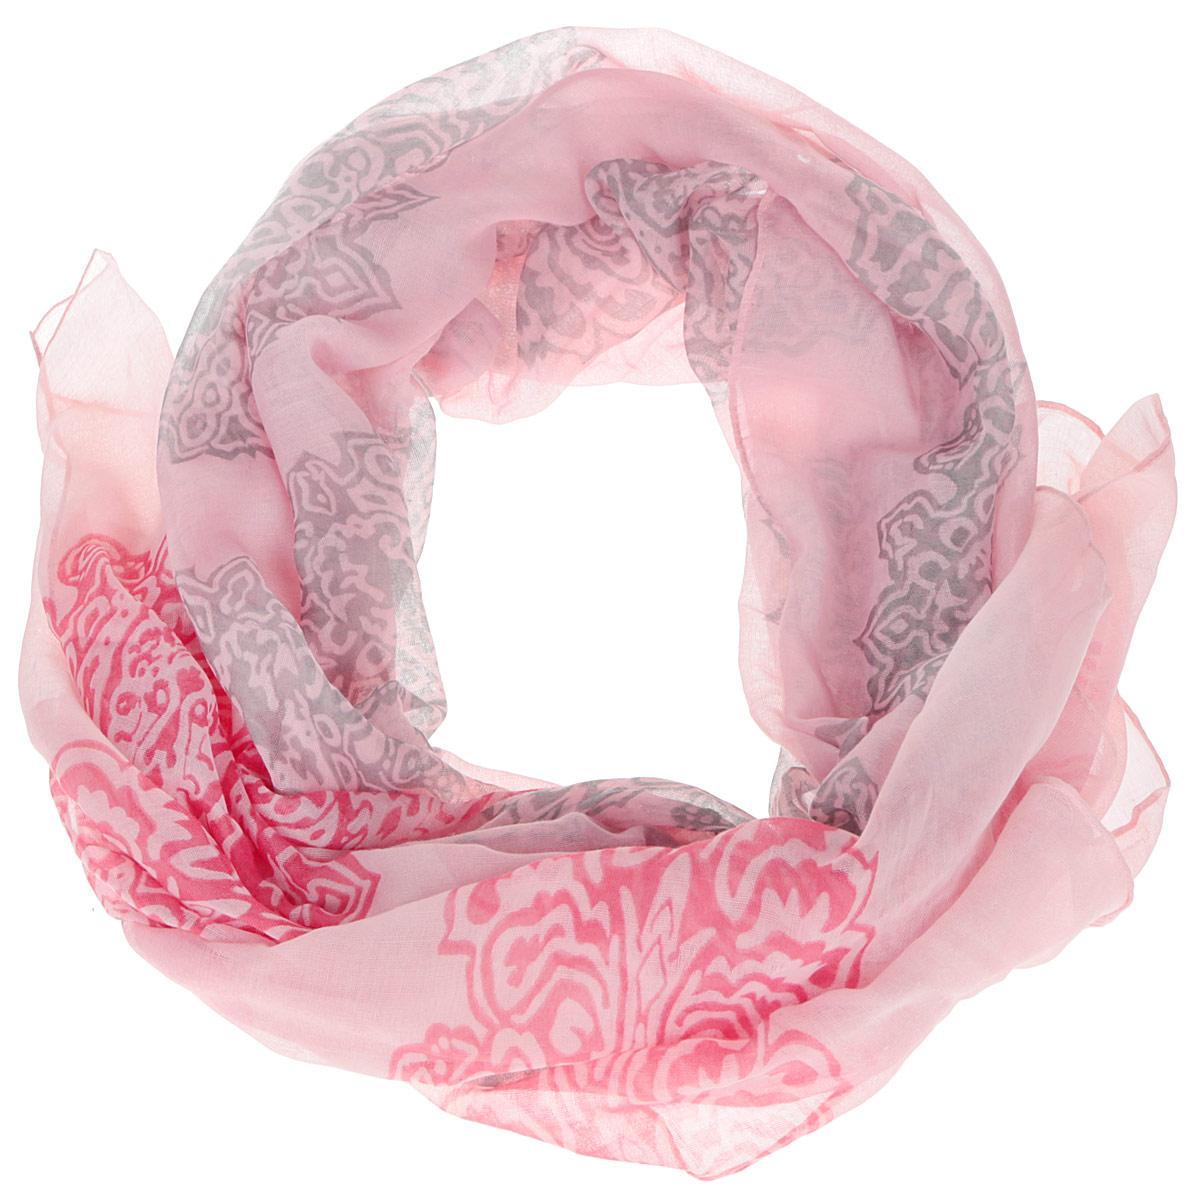 ШарфB16-11416Женский шарф Finn Flare станет изысканным аксессуаром, который подчеркнет вашу индивидуальность. Выполненный из вискозы, он очень мягкий и приятный на ощупь. Модель оформлена принтом с узорами. Такой шарф станет стильным дополнением к гардеробу современной женщины, а также подарит ощущение комфорта и уюта.